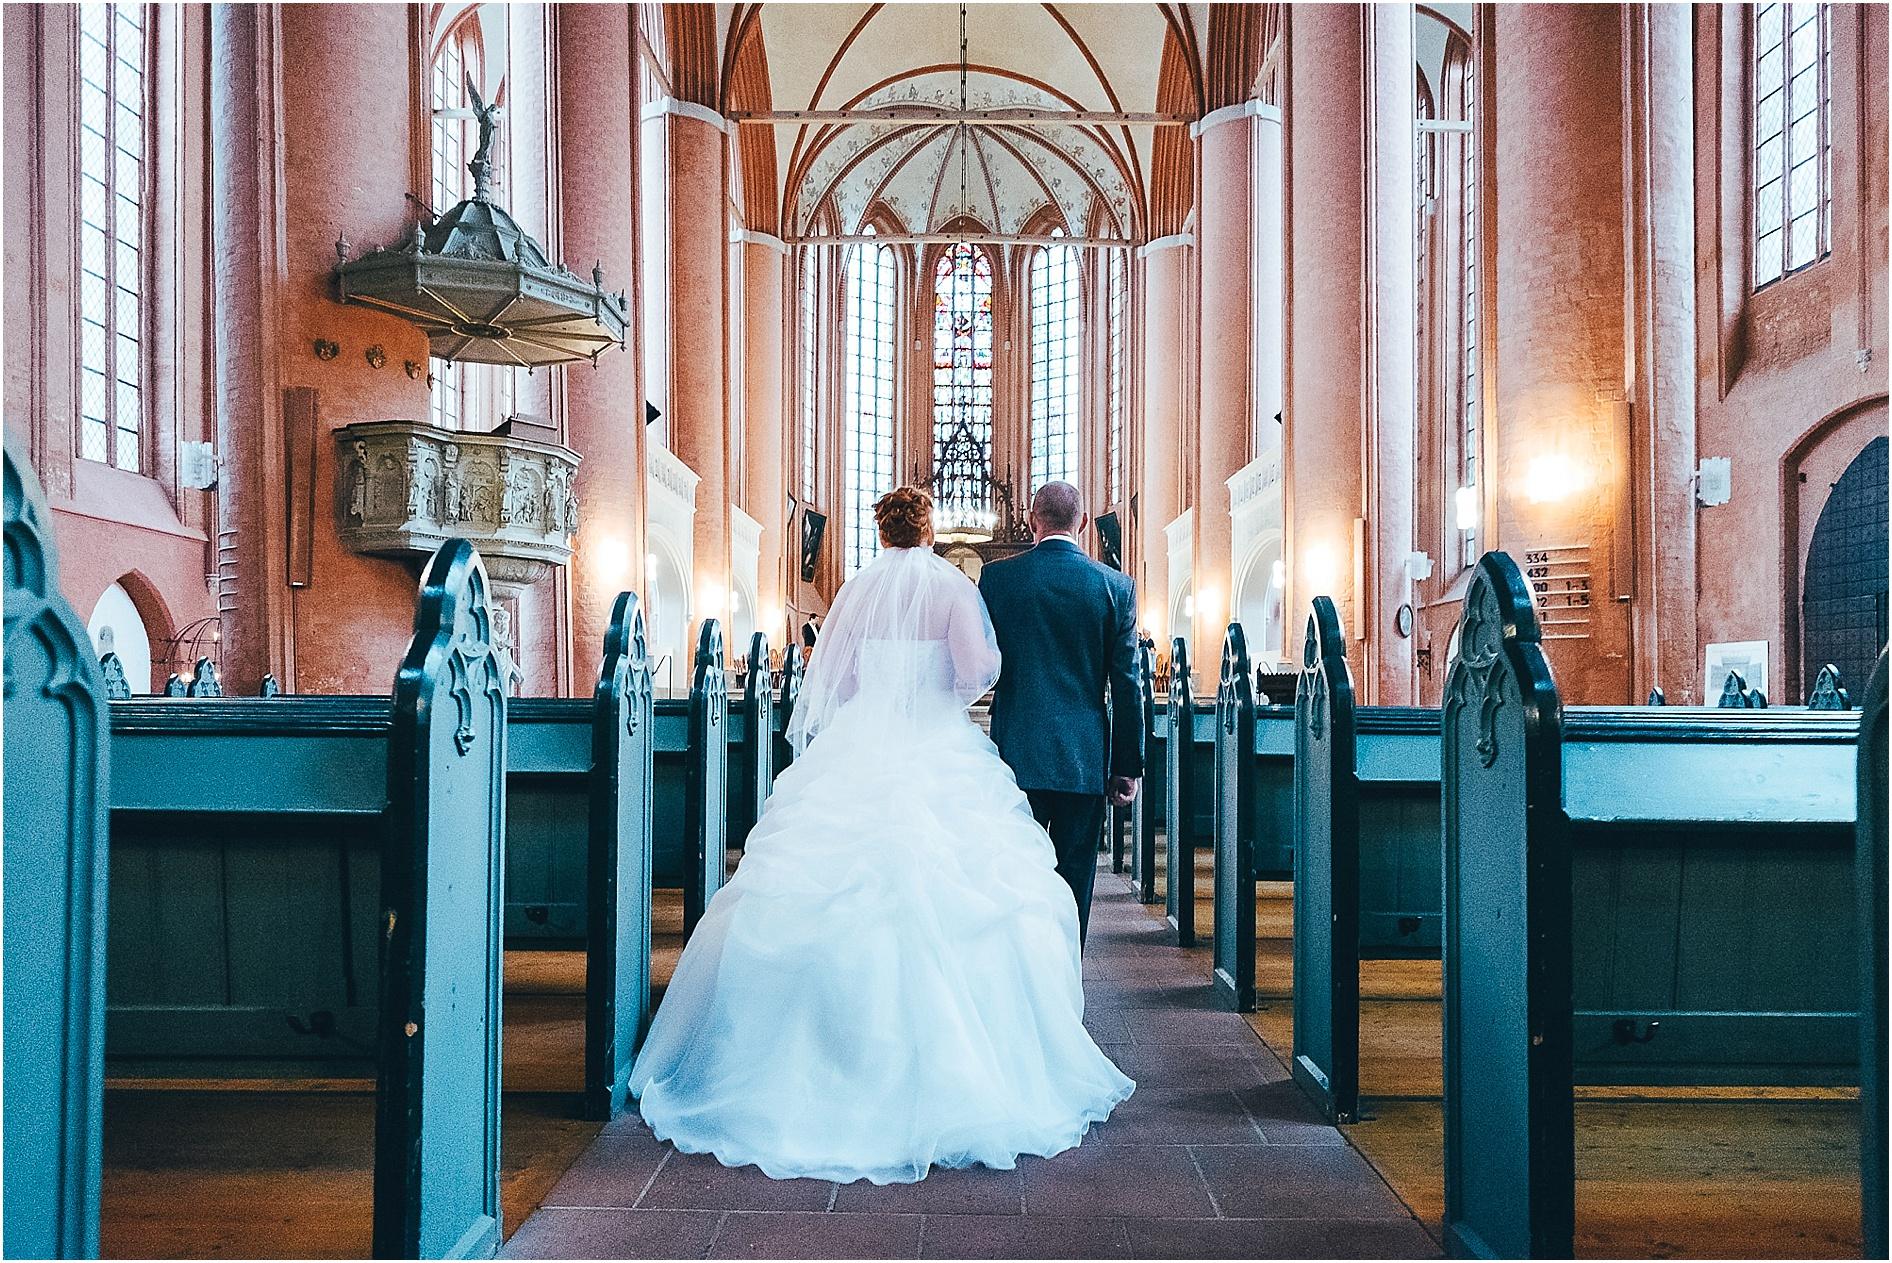 2014-11-20_0031 Lora & Daniel - Als Hochzeitsfotograf in Lüneburg